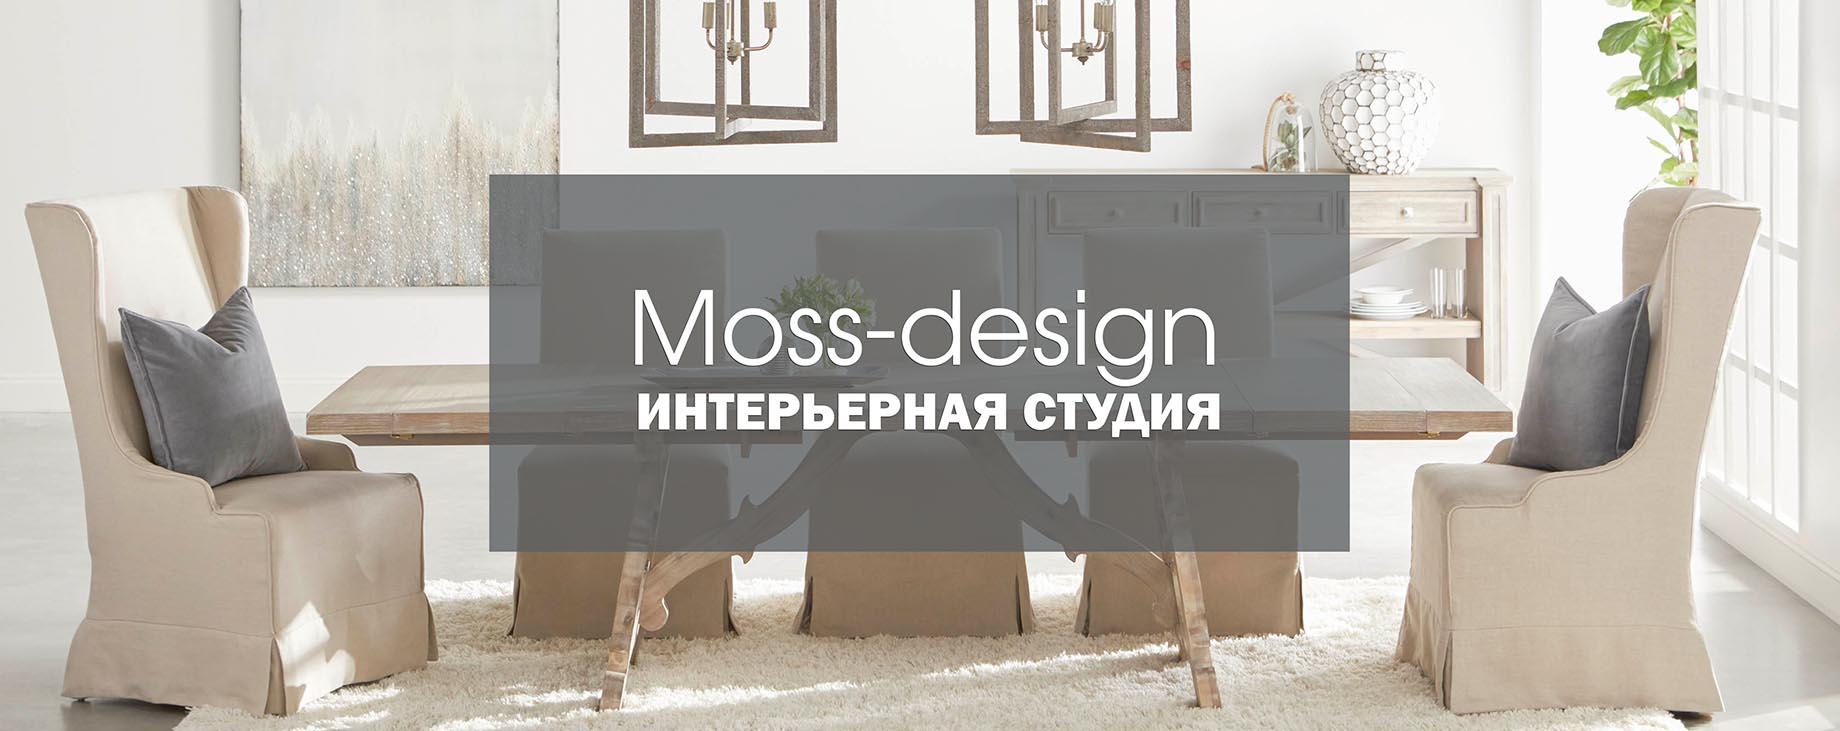 Состав дизайн проекта интерьера: что в него входит - 15 фото